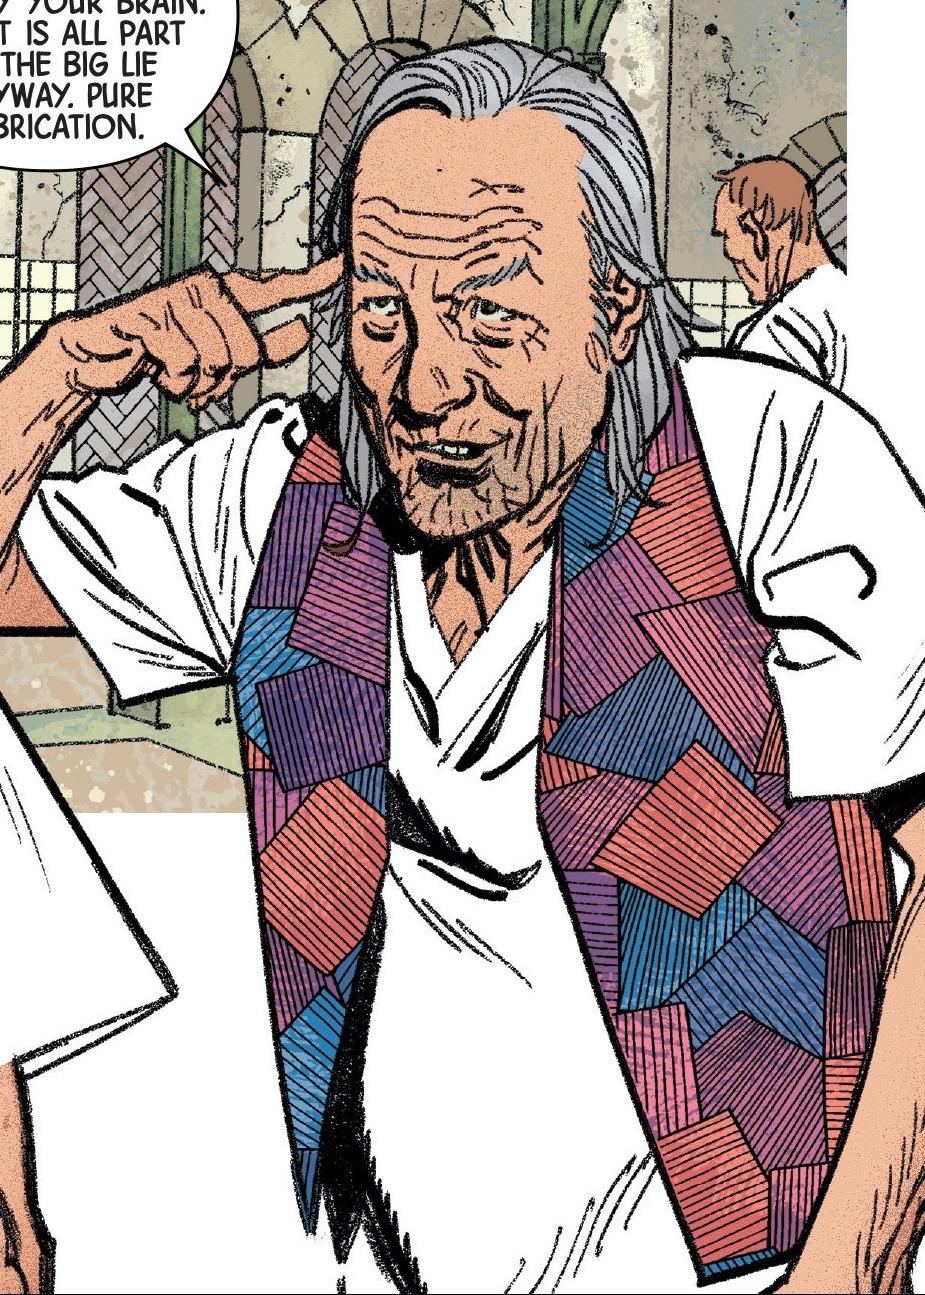 Bertrand Crawley (Earth-616)